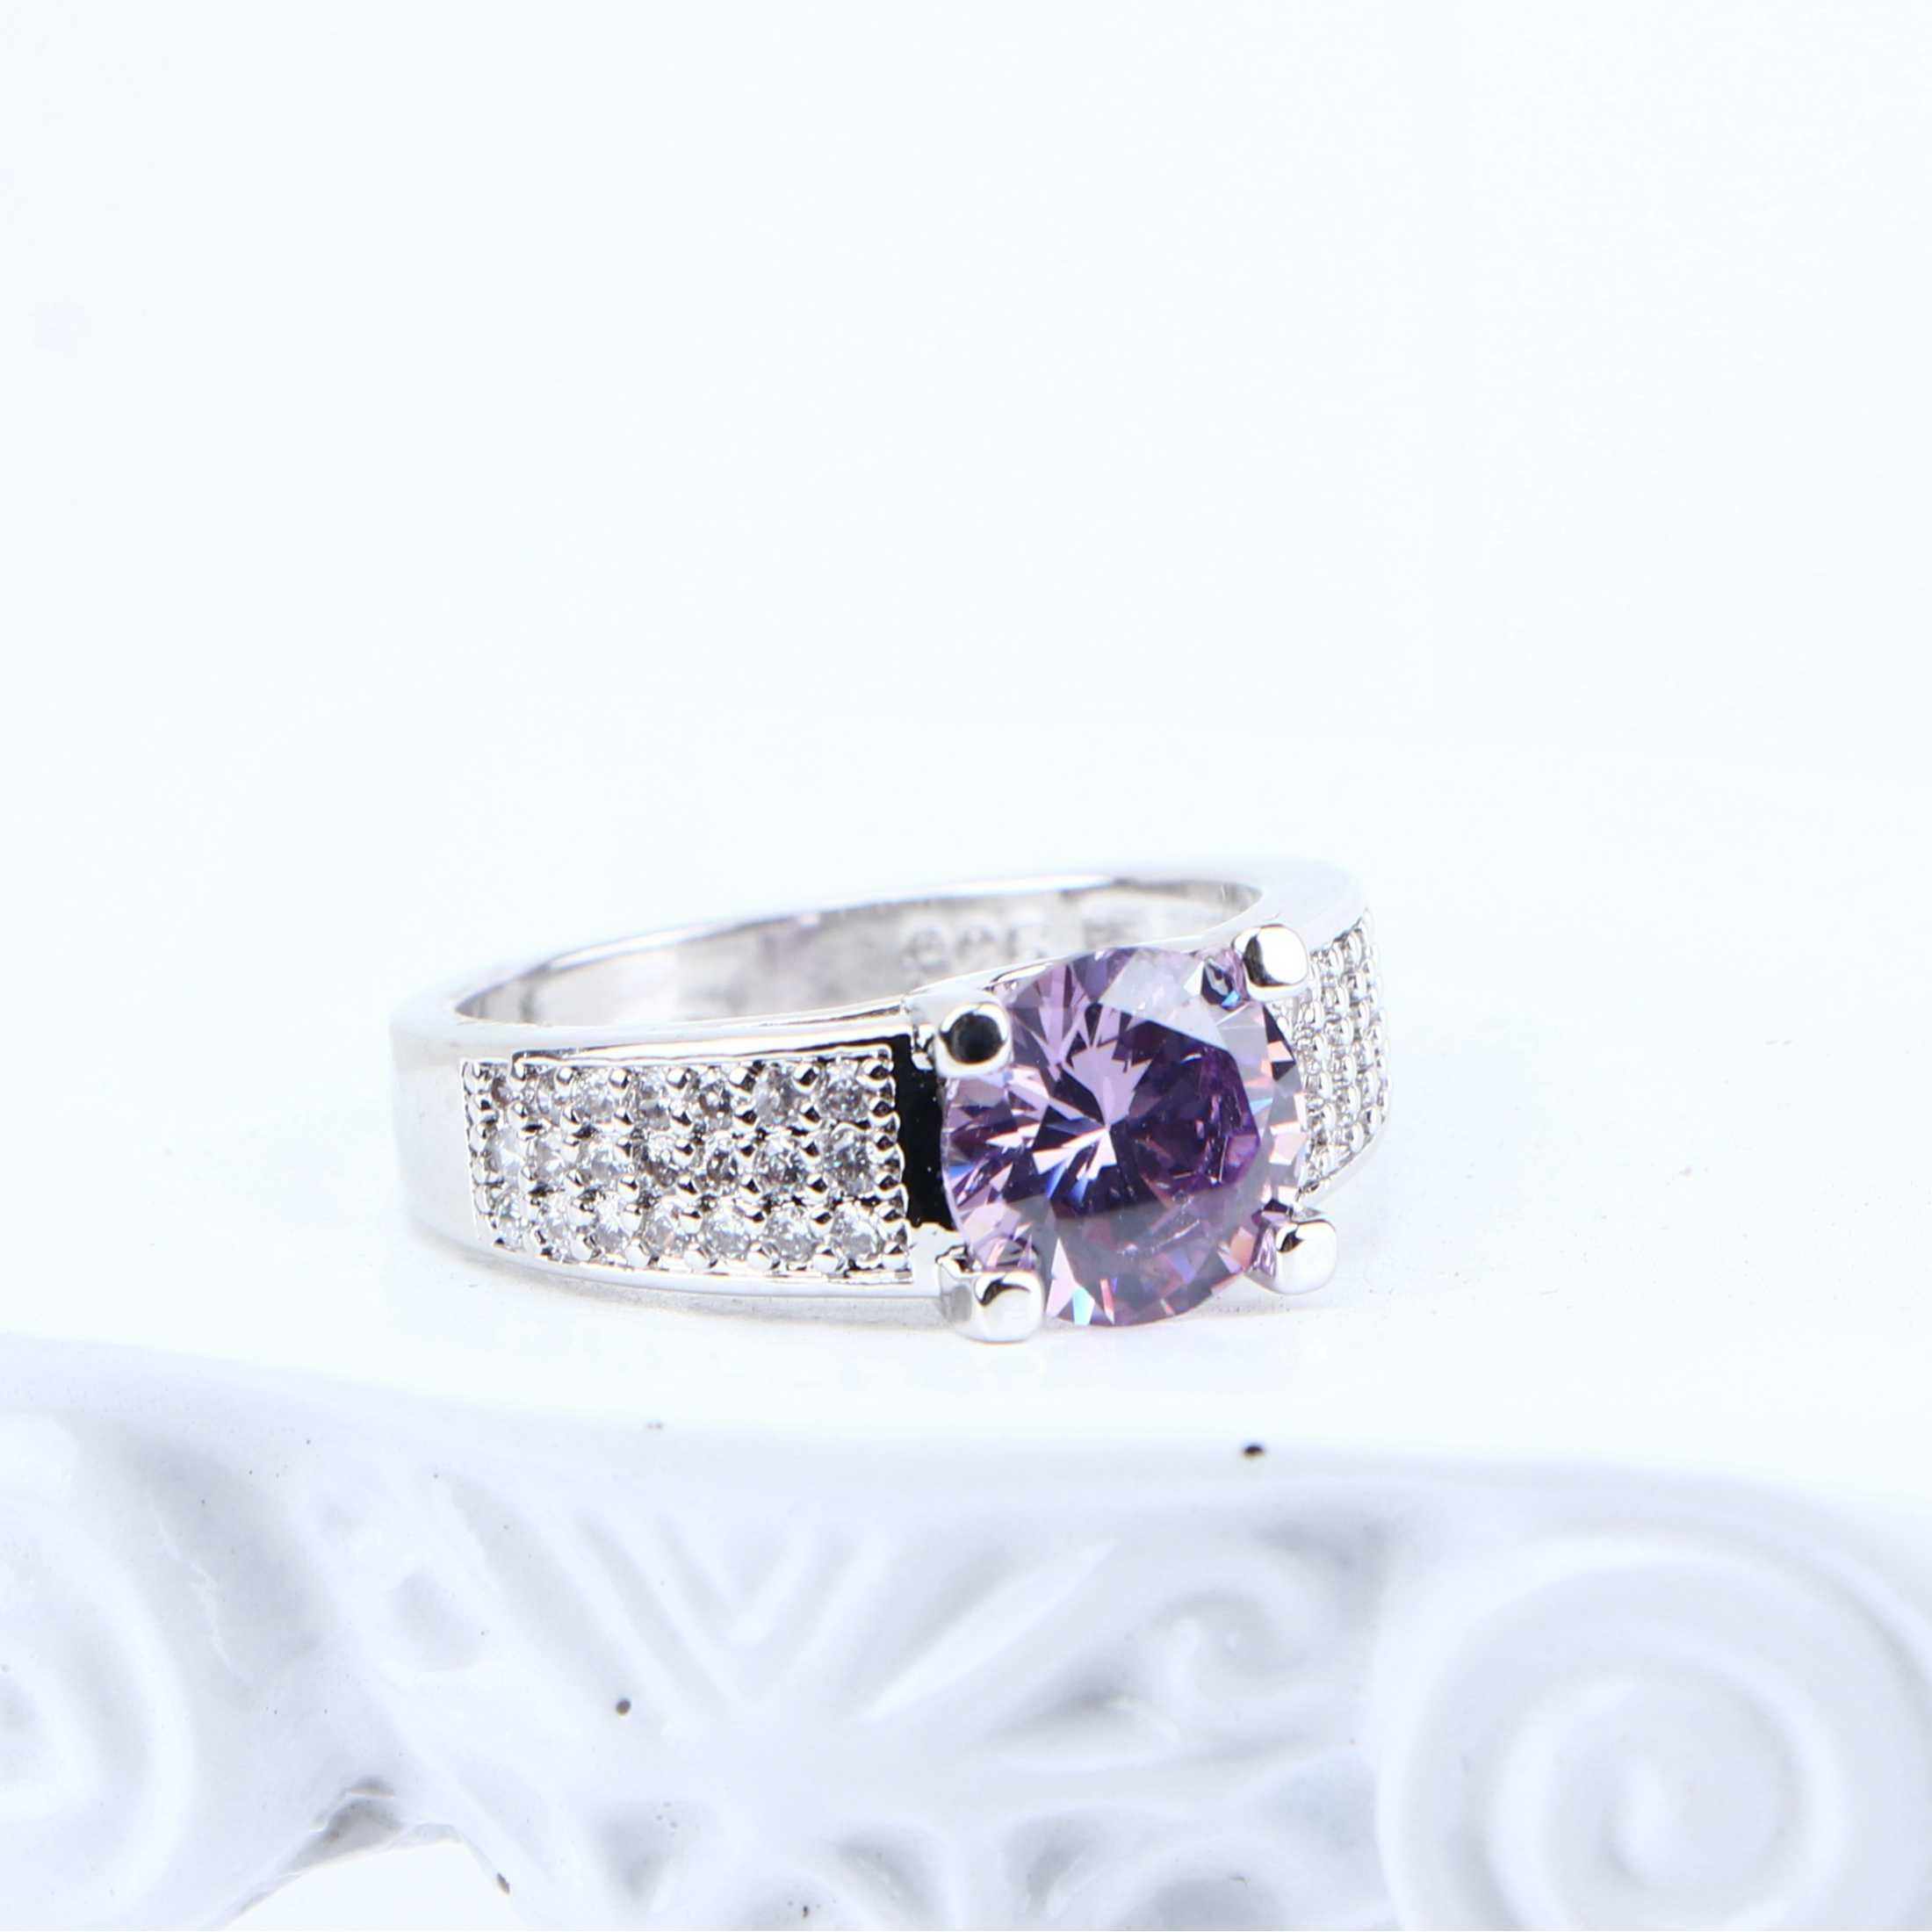 סגול Zirconia כלה תכשיטי סטי כסף 925 נשים תלבושות תכשיטי חתונה שרשרת תליון טבעת עגילי צמיד מתנת קופסא